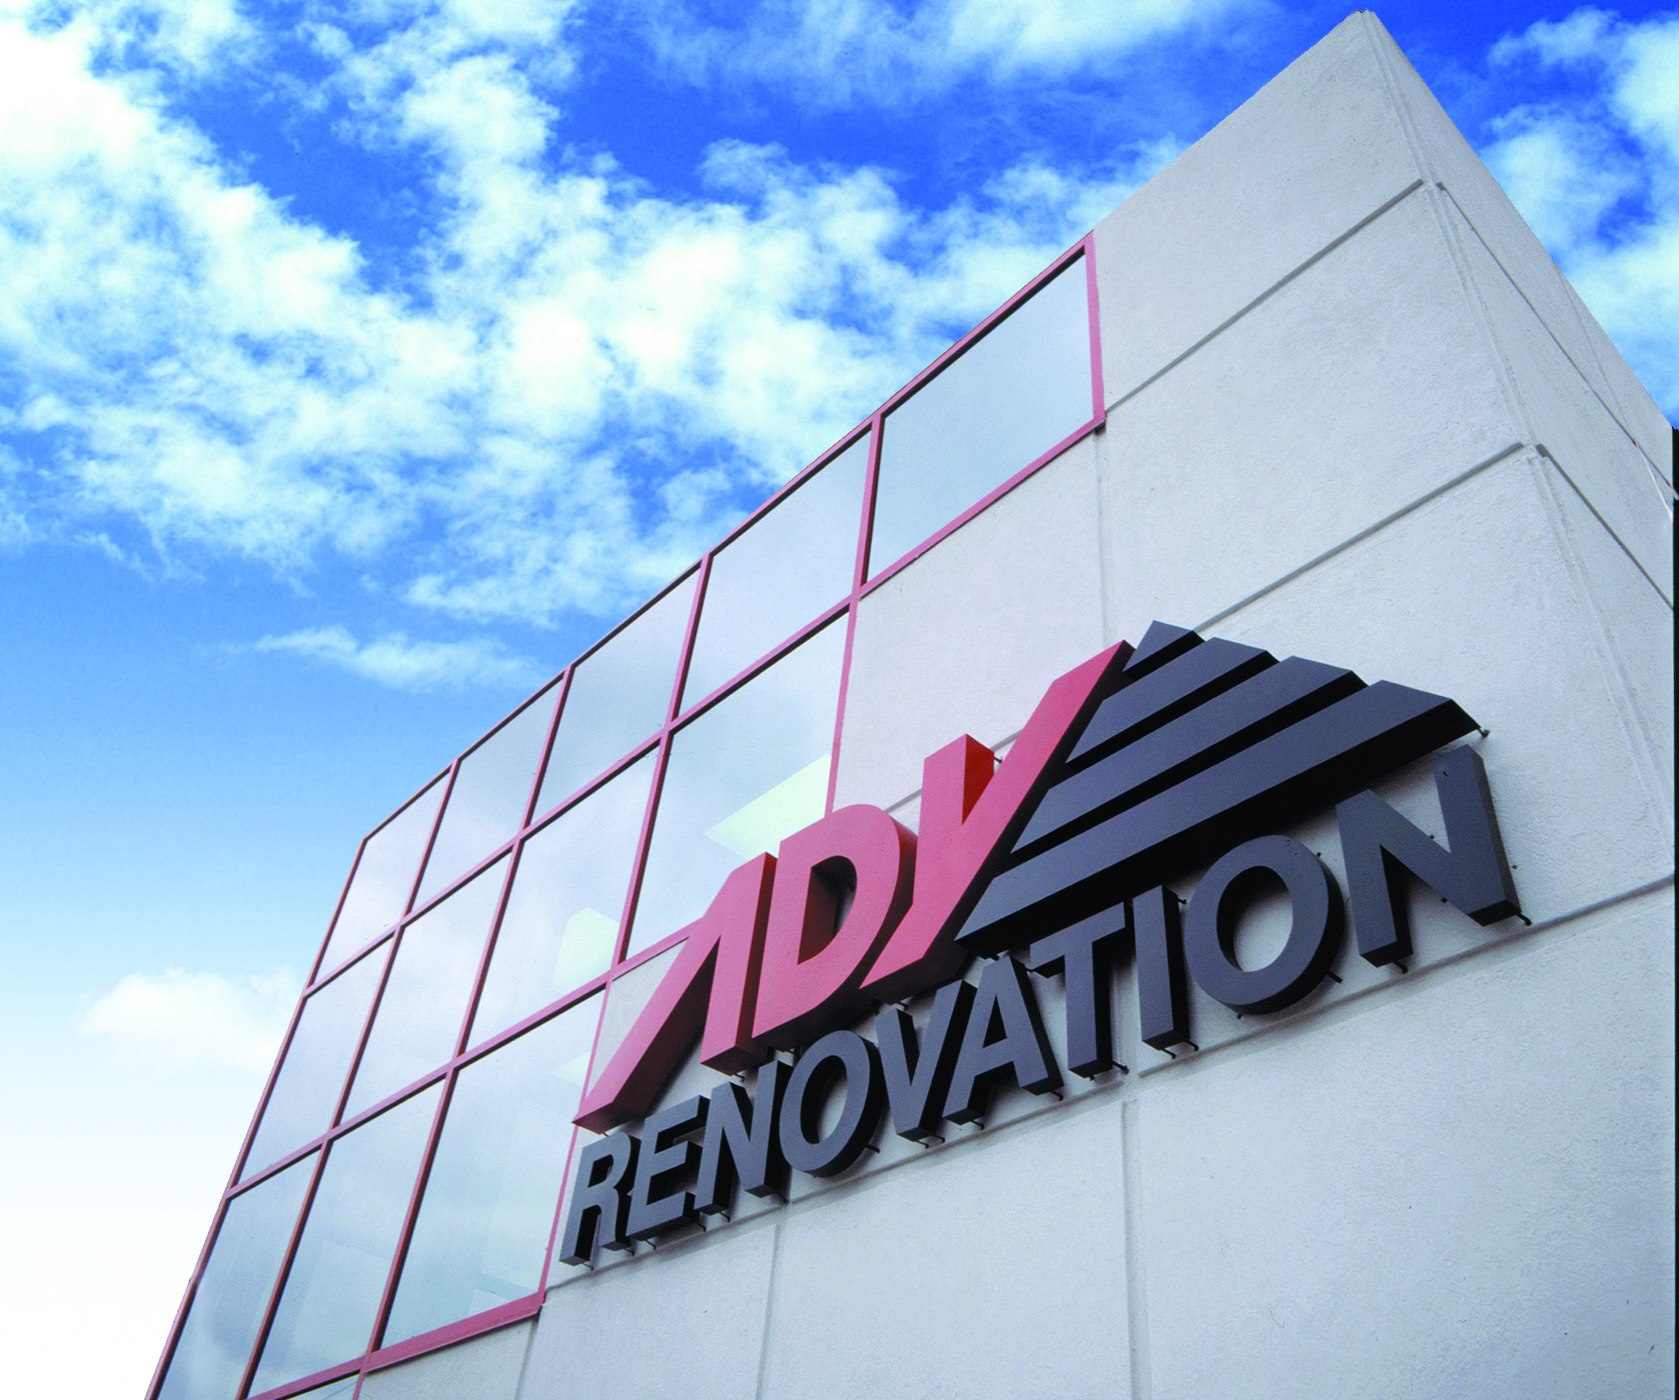 Ady Rénovation Inc à Pierrefonds: Ady Renovation Showroom West Island